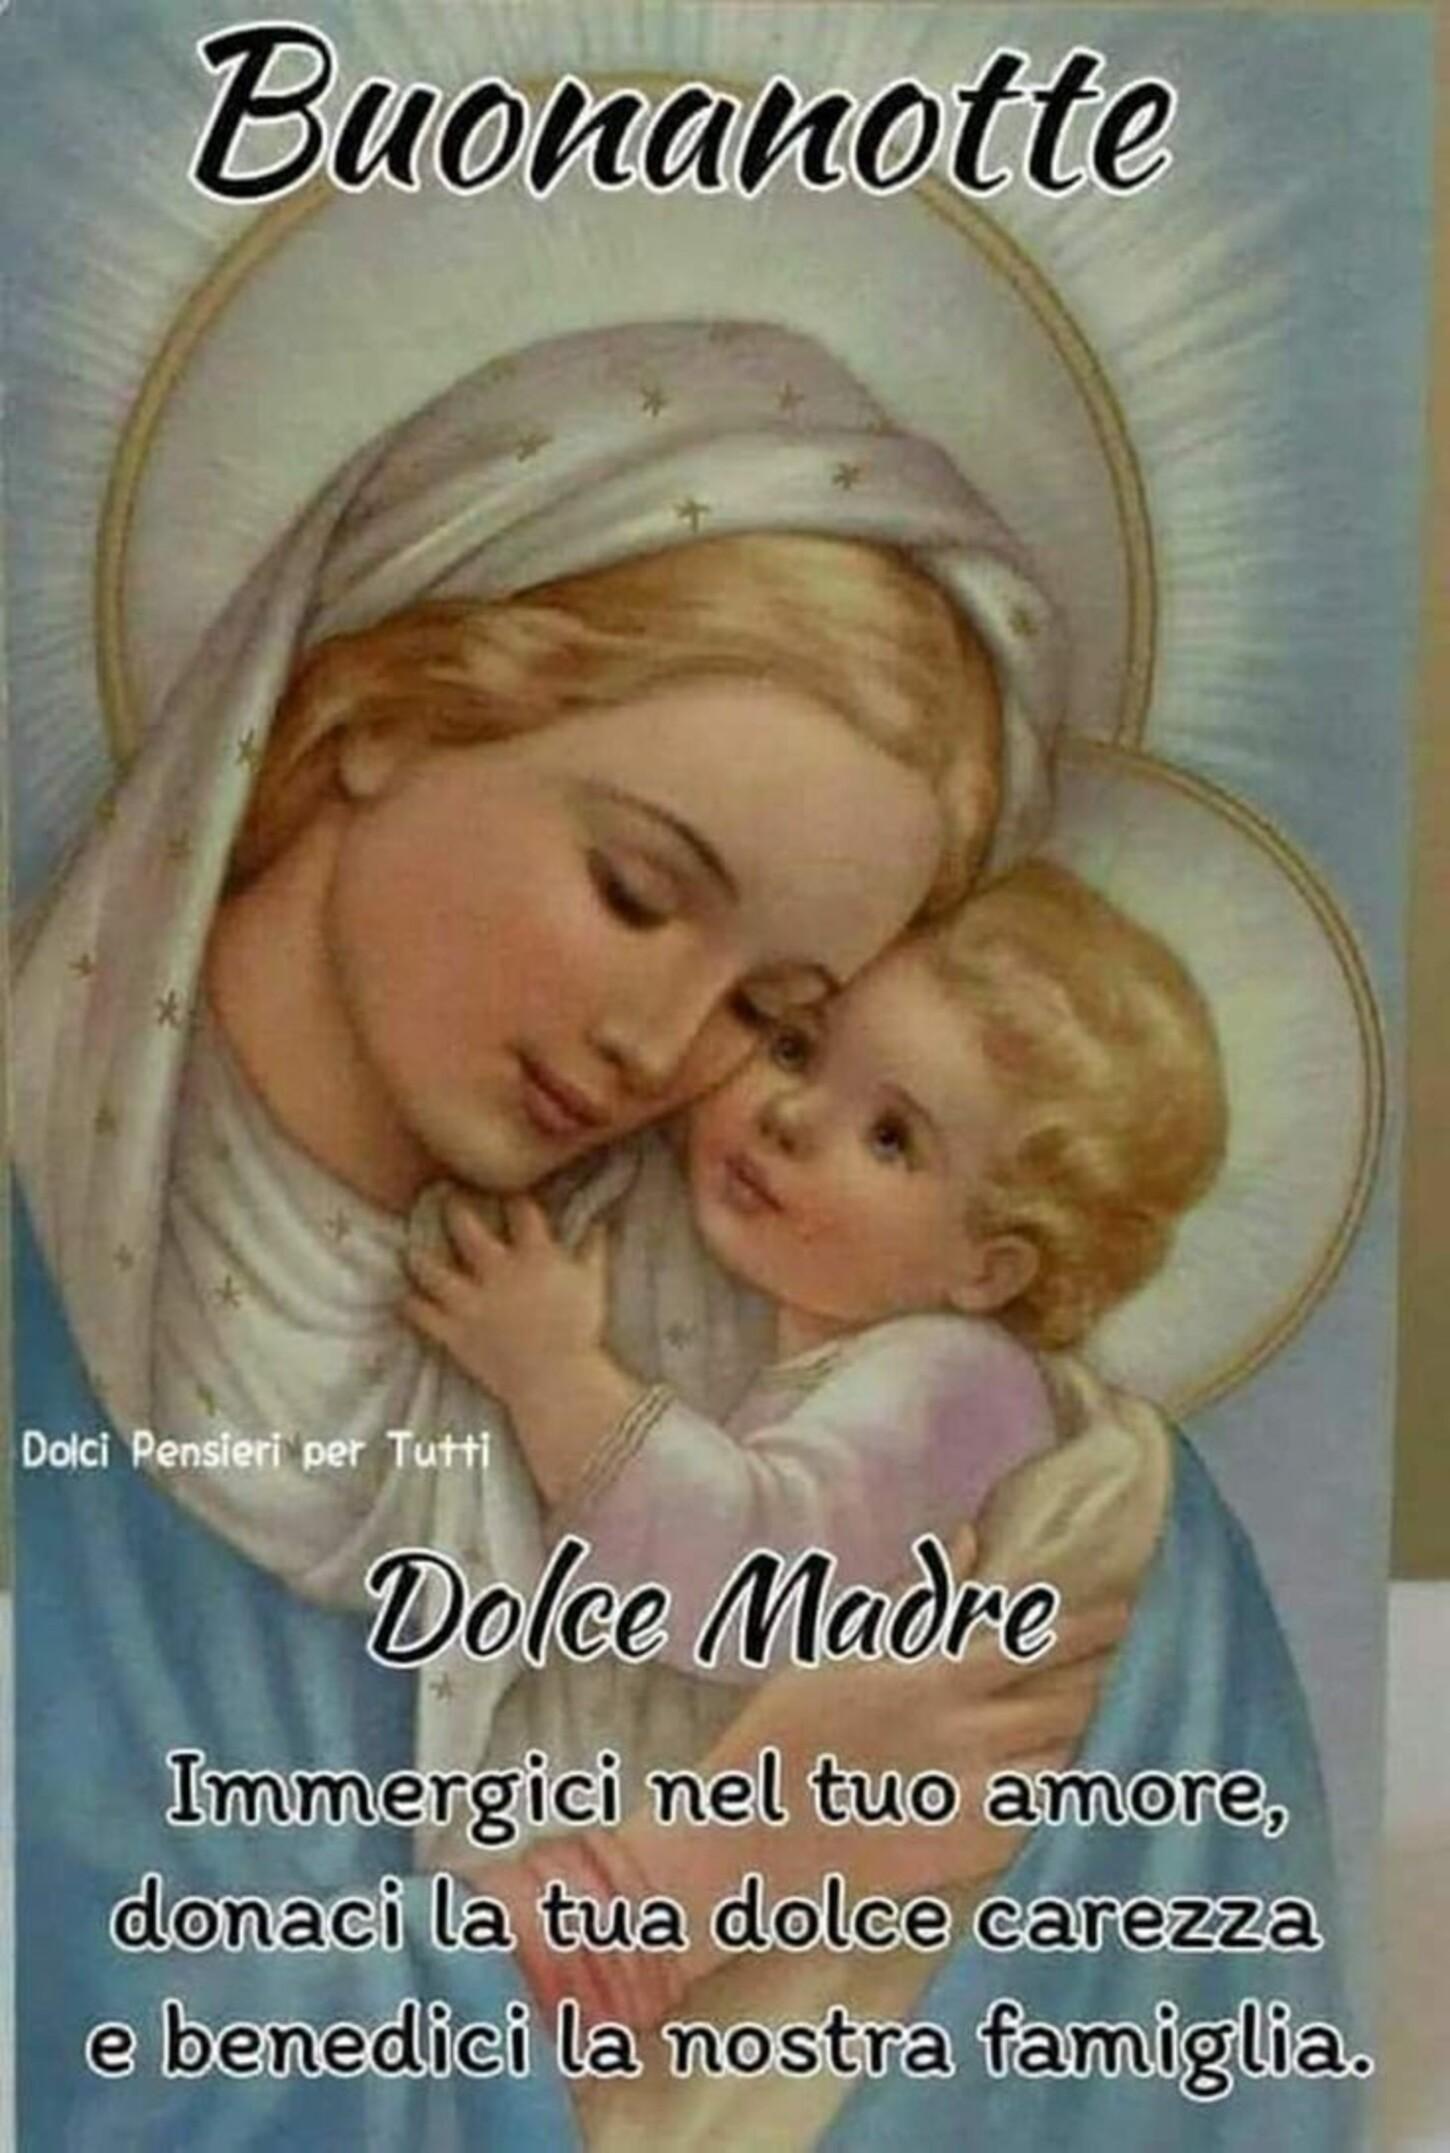 Buonanotte con Maria